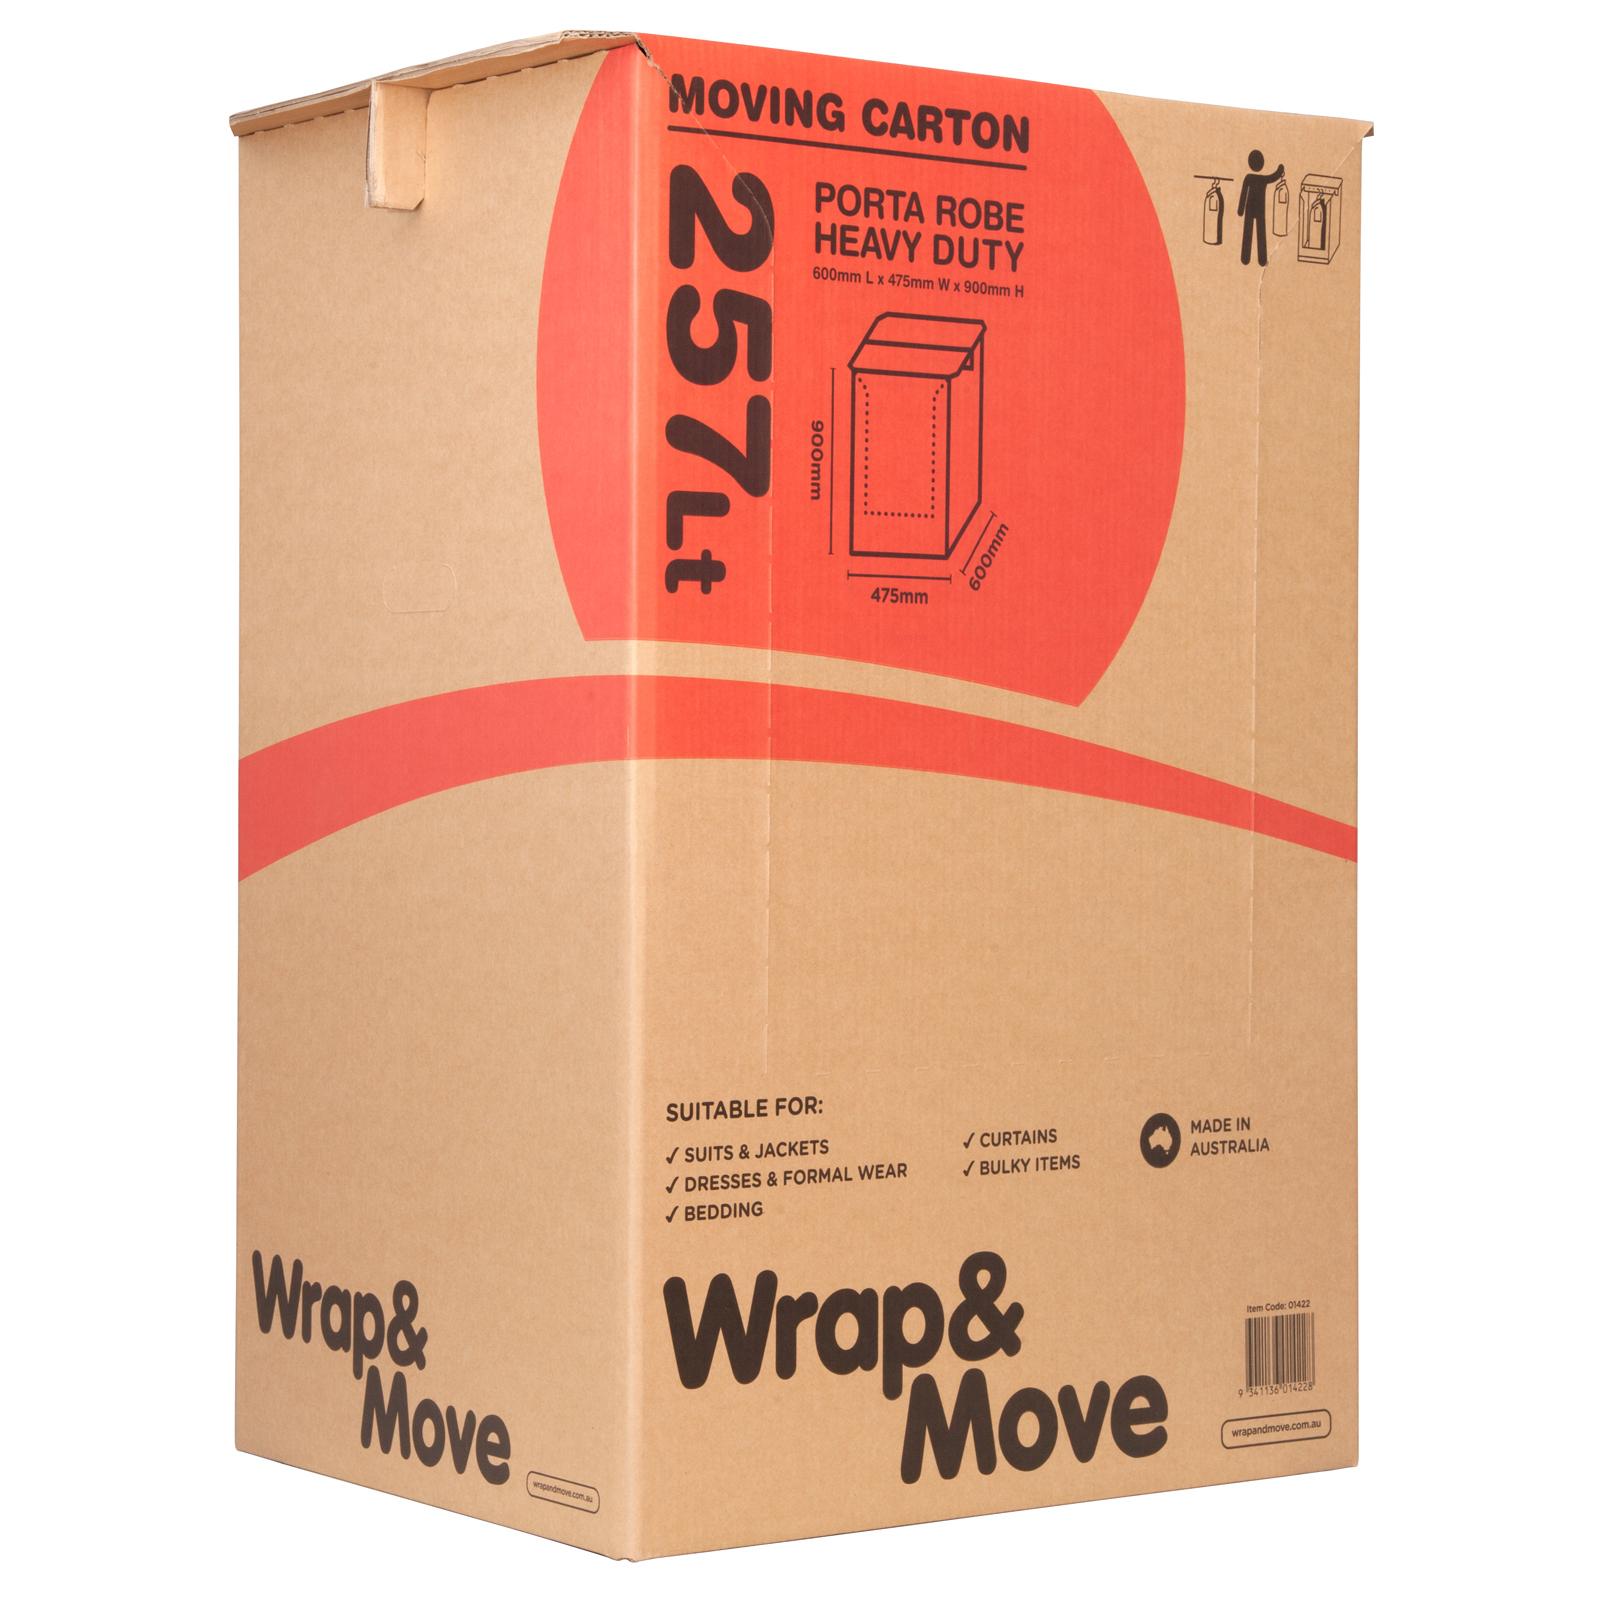 Wrap & Move 257Lt Heavy Duty Porta Robe Moving Carton